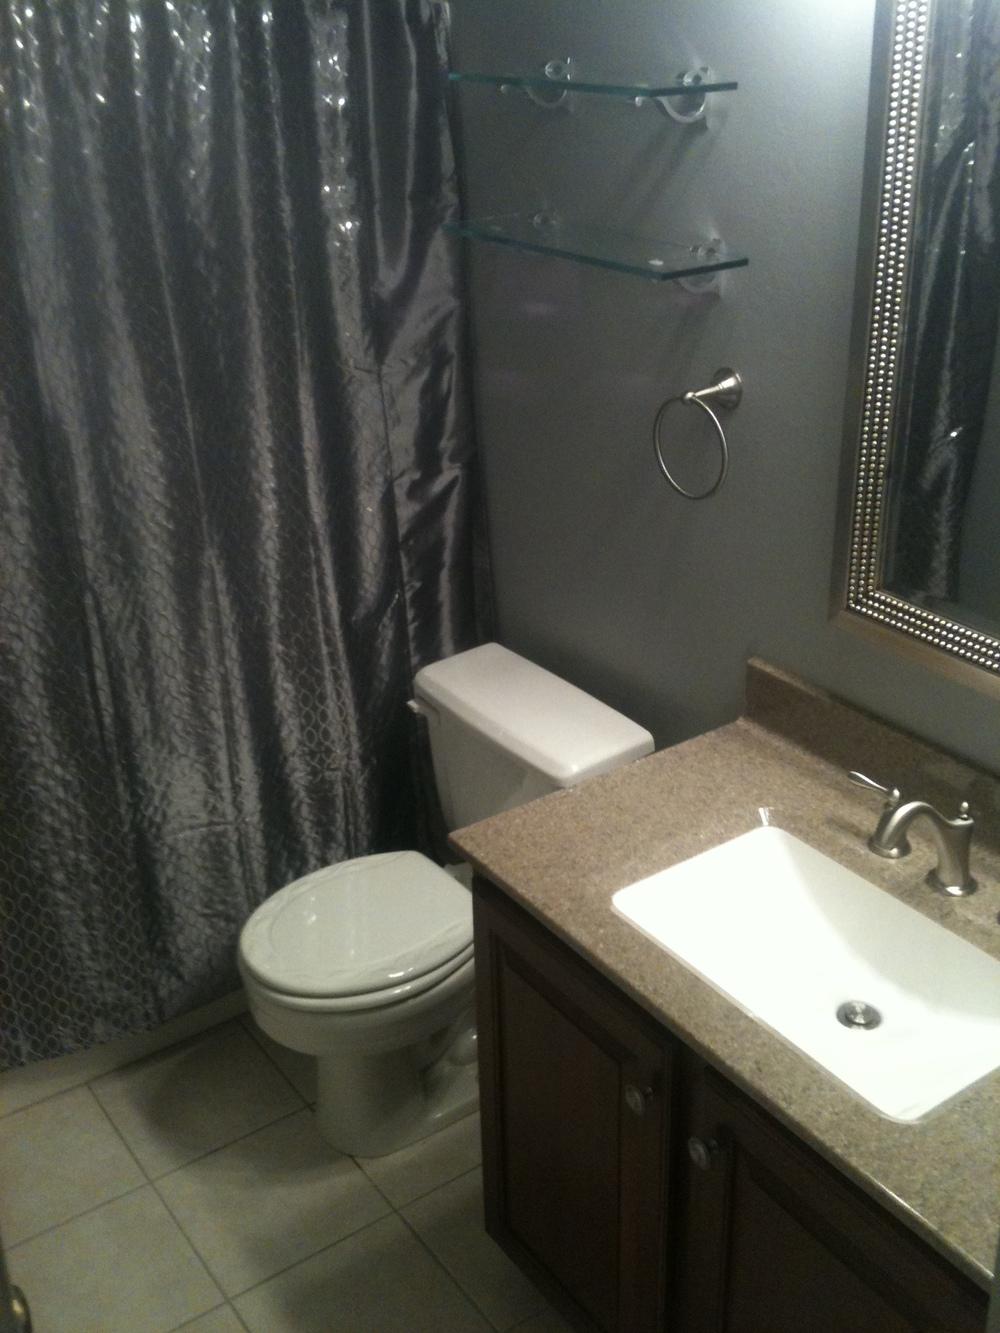 bathroom remodel a1.JPG